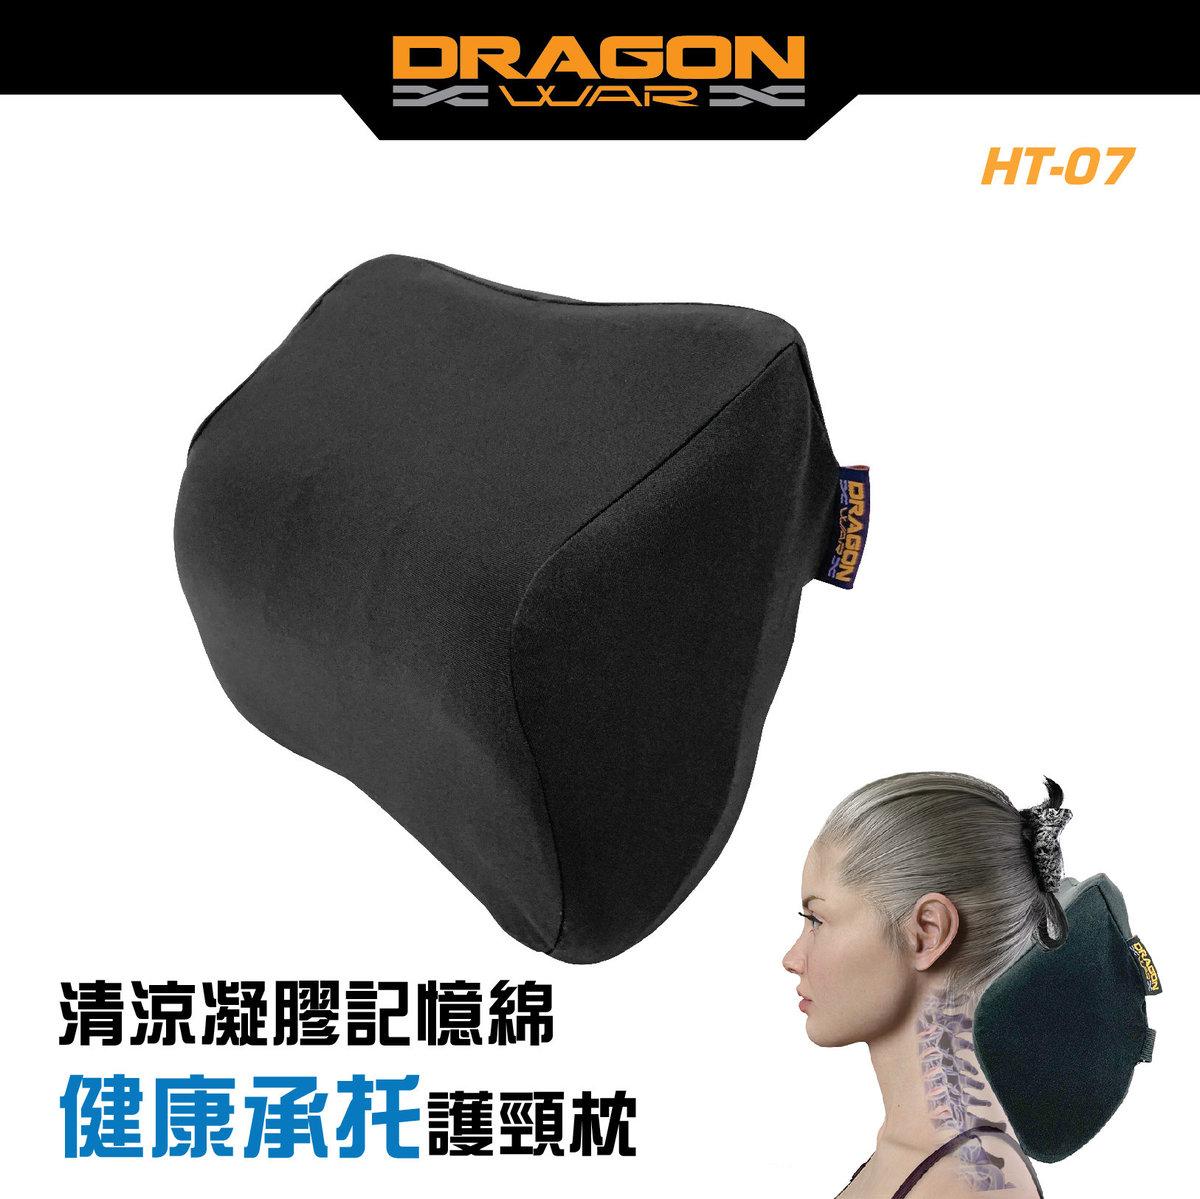 HT-07 清涼凝膠記憶棉頭枕 護頸靠枕